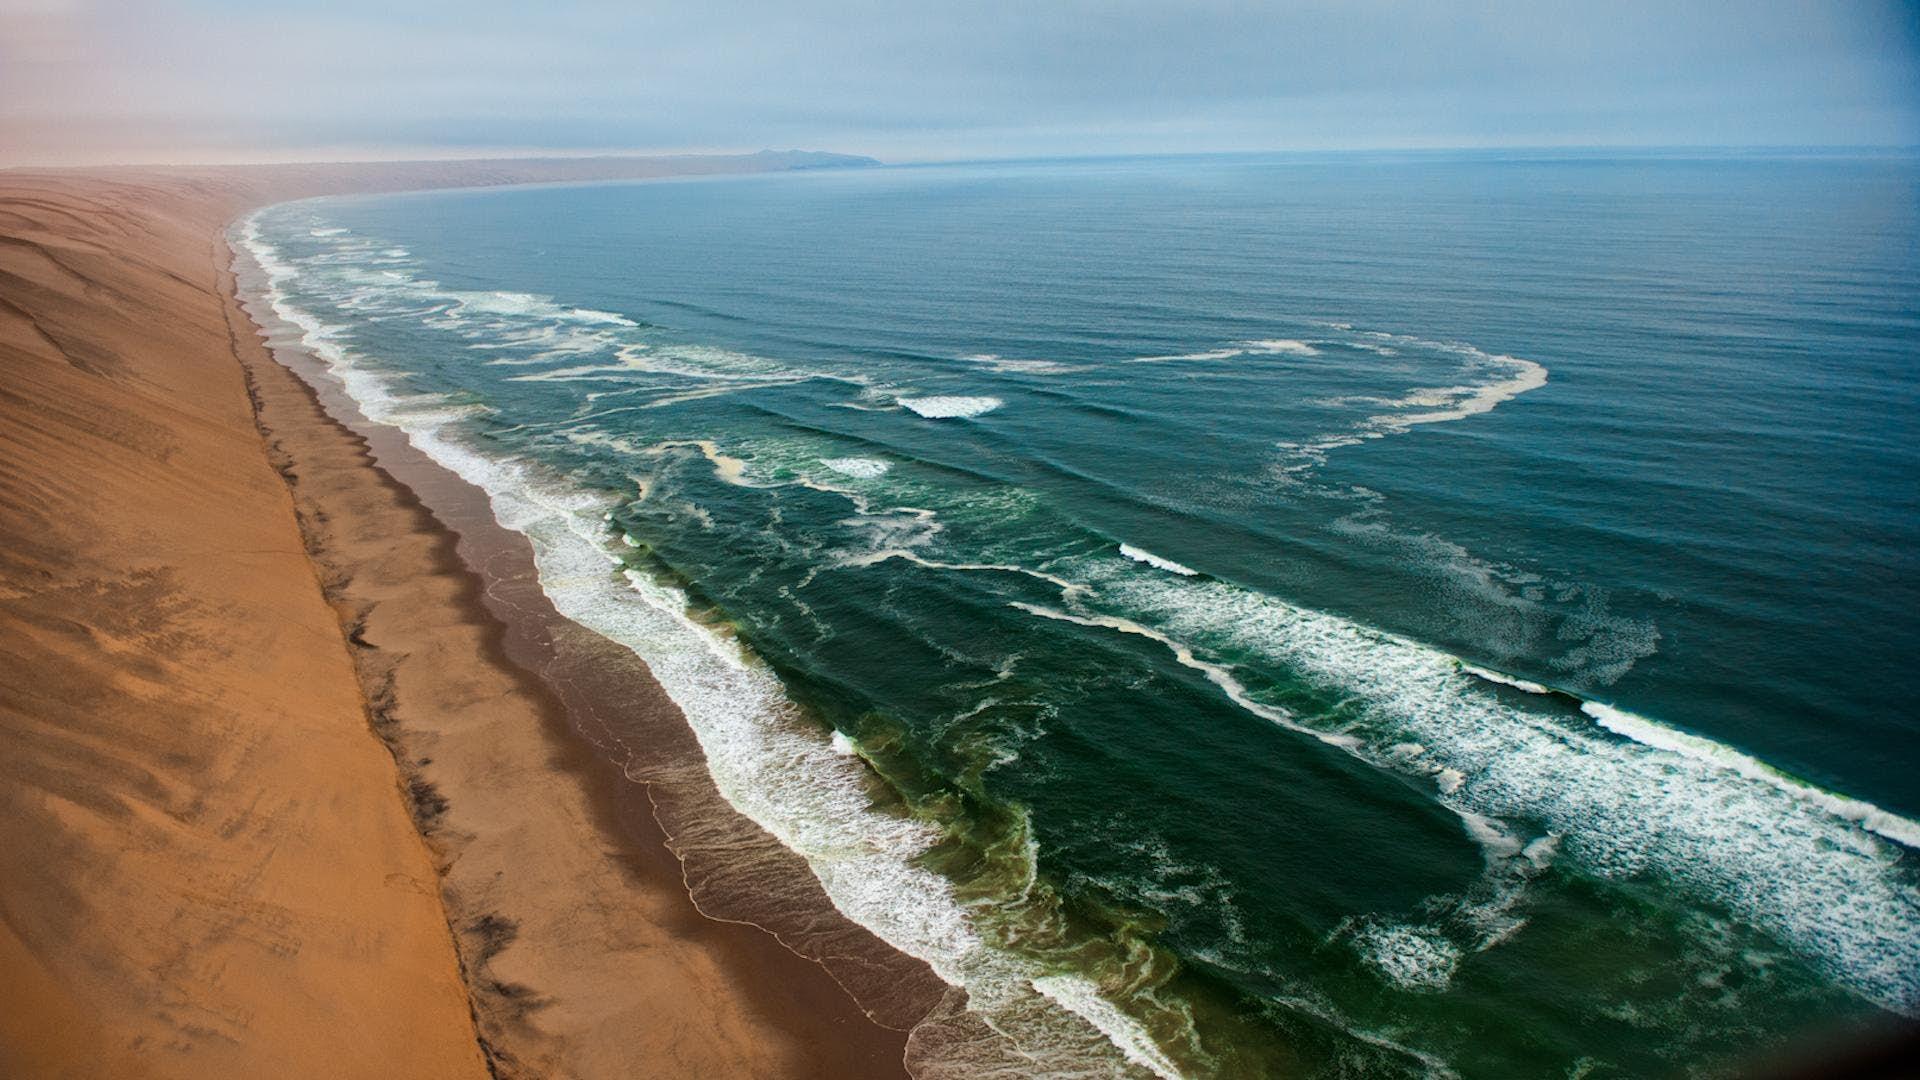 Skeleton Coast Namibia >> Discover Namibia's Skeleton Coast - Lonely Planet Video